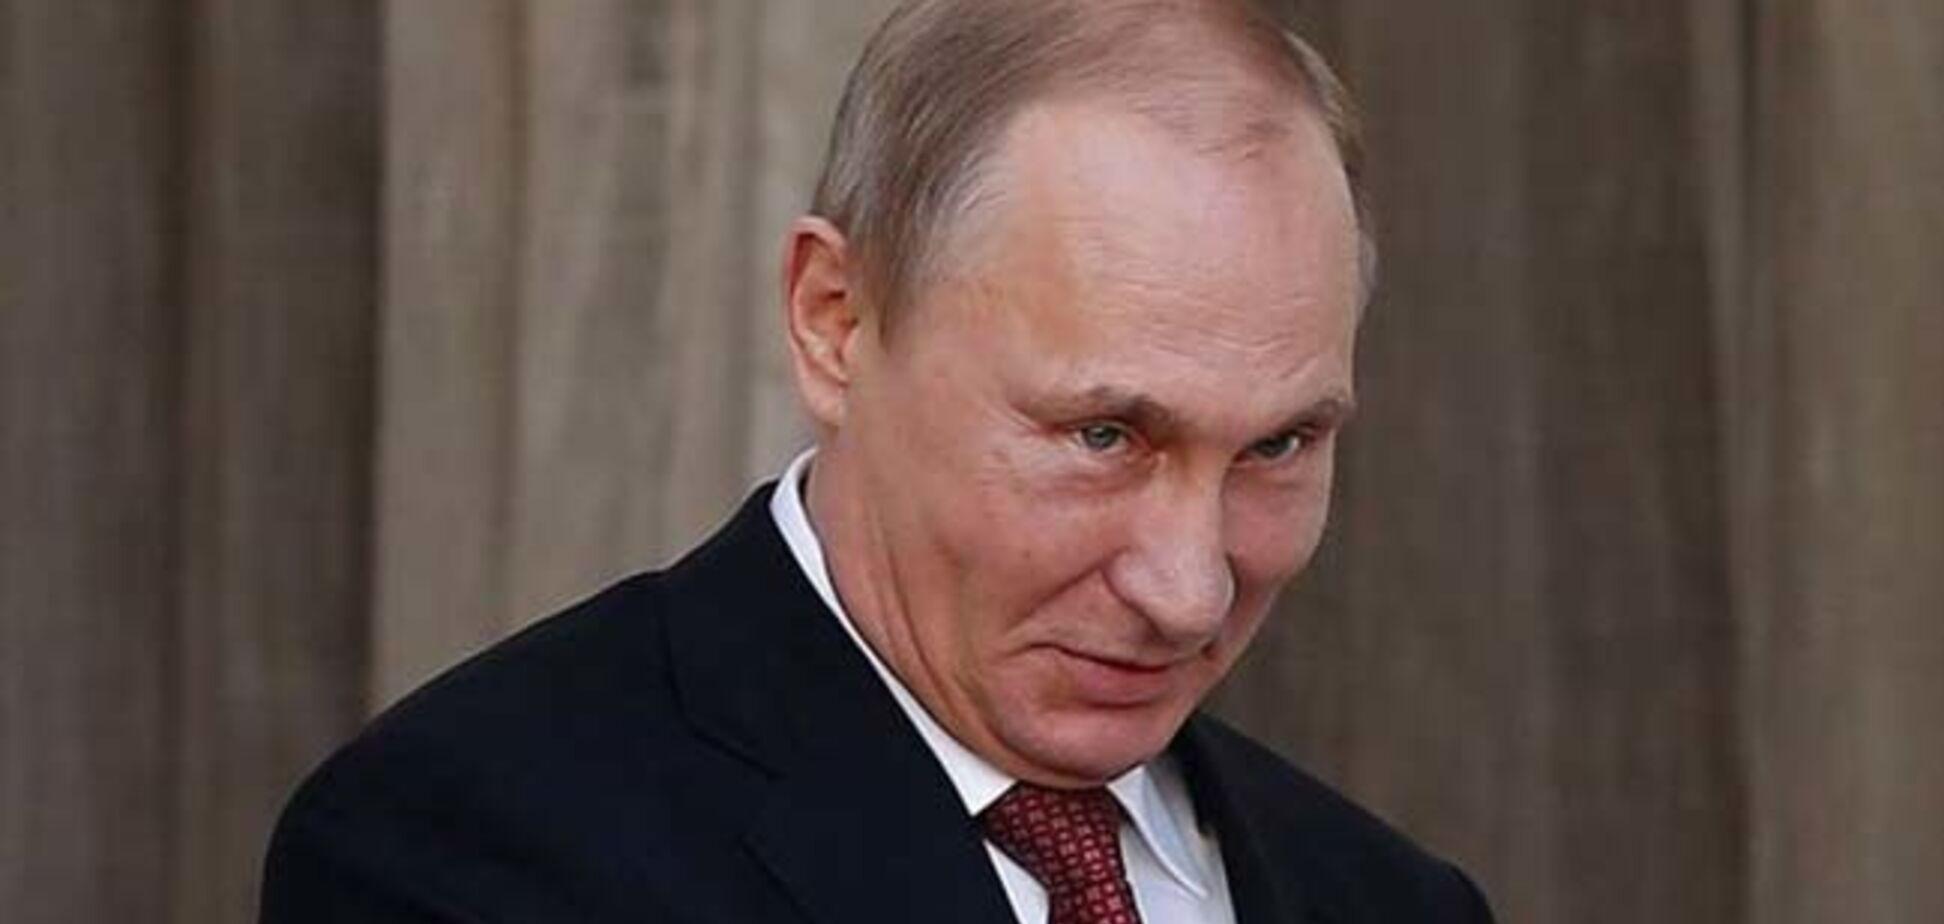 Поп-звезда 90-х призналась в грязных фантазиях о Путине: сеть лютует